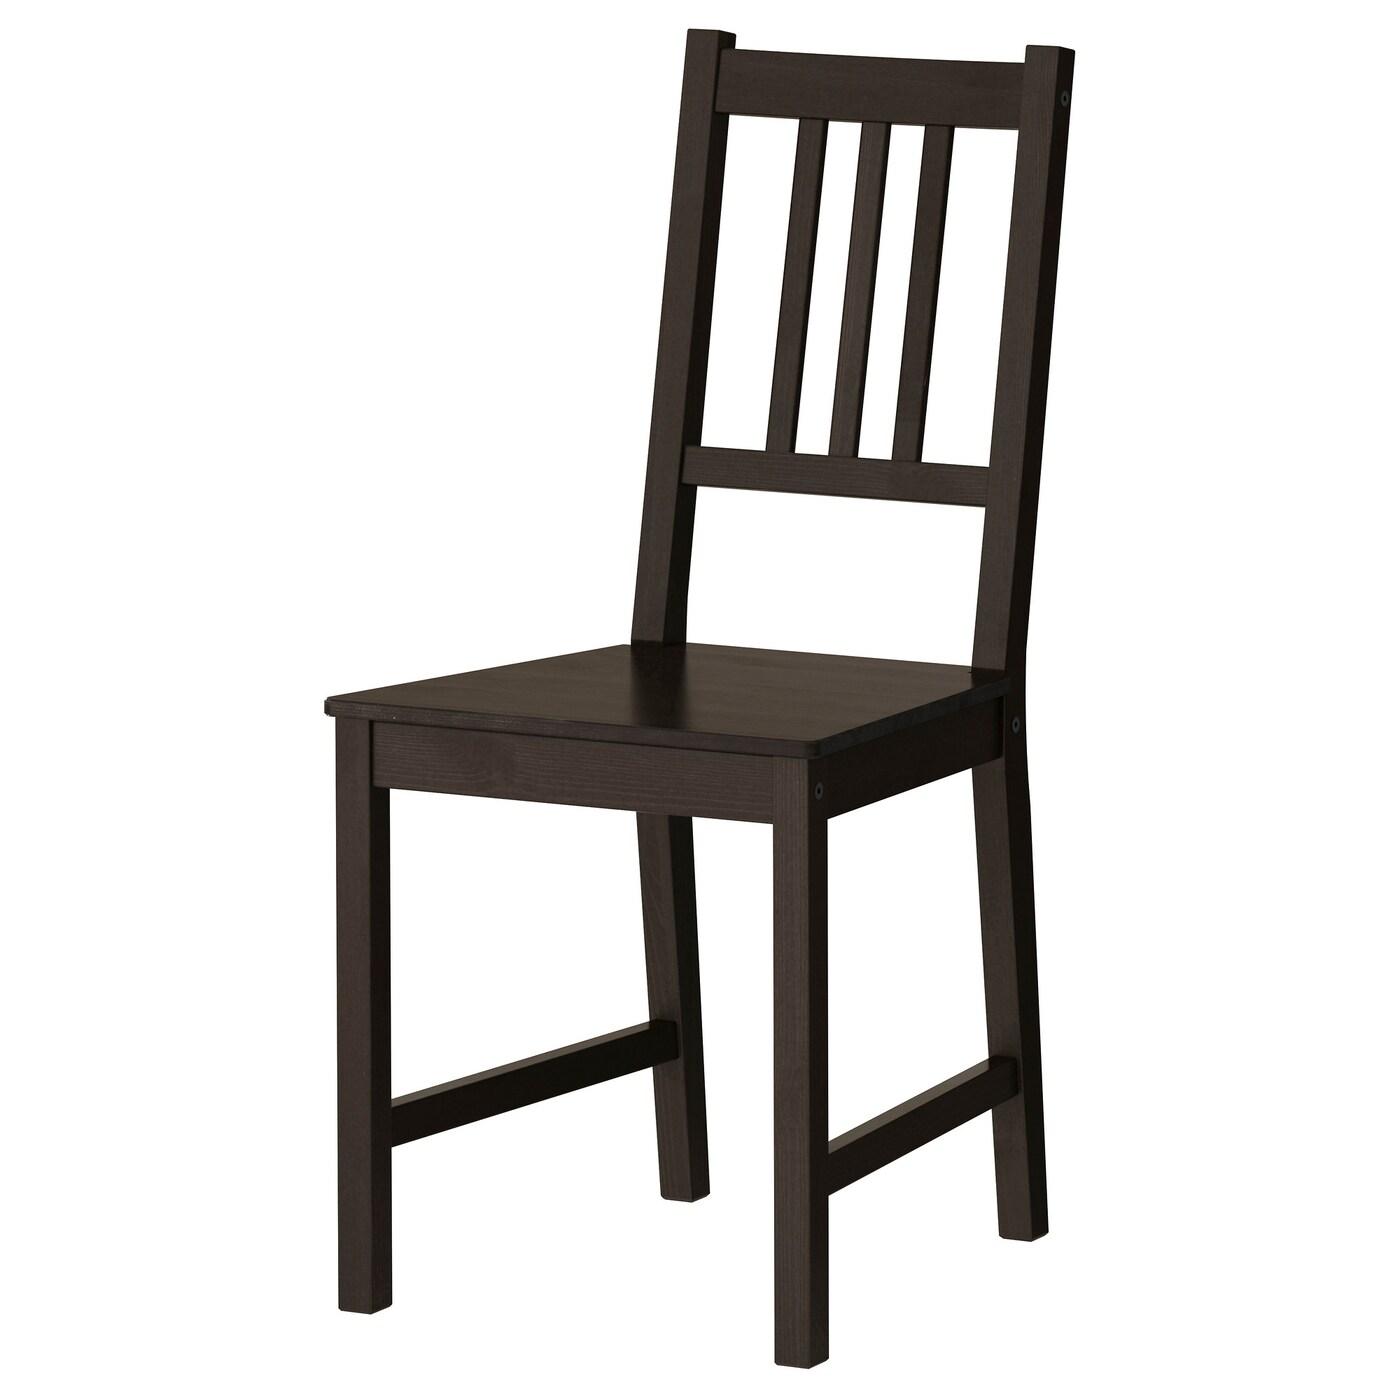 STEFAN Silla Negro-marrón - IKEA